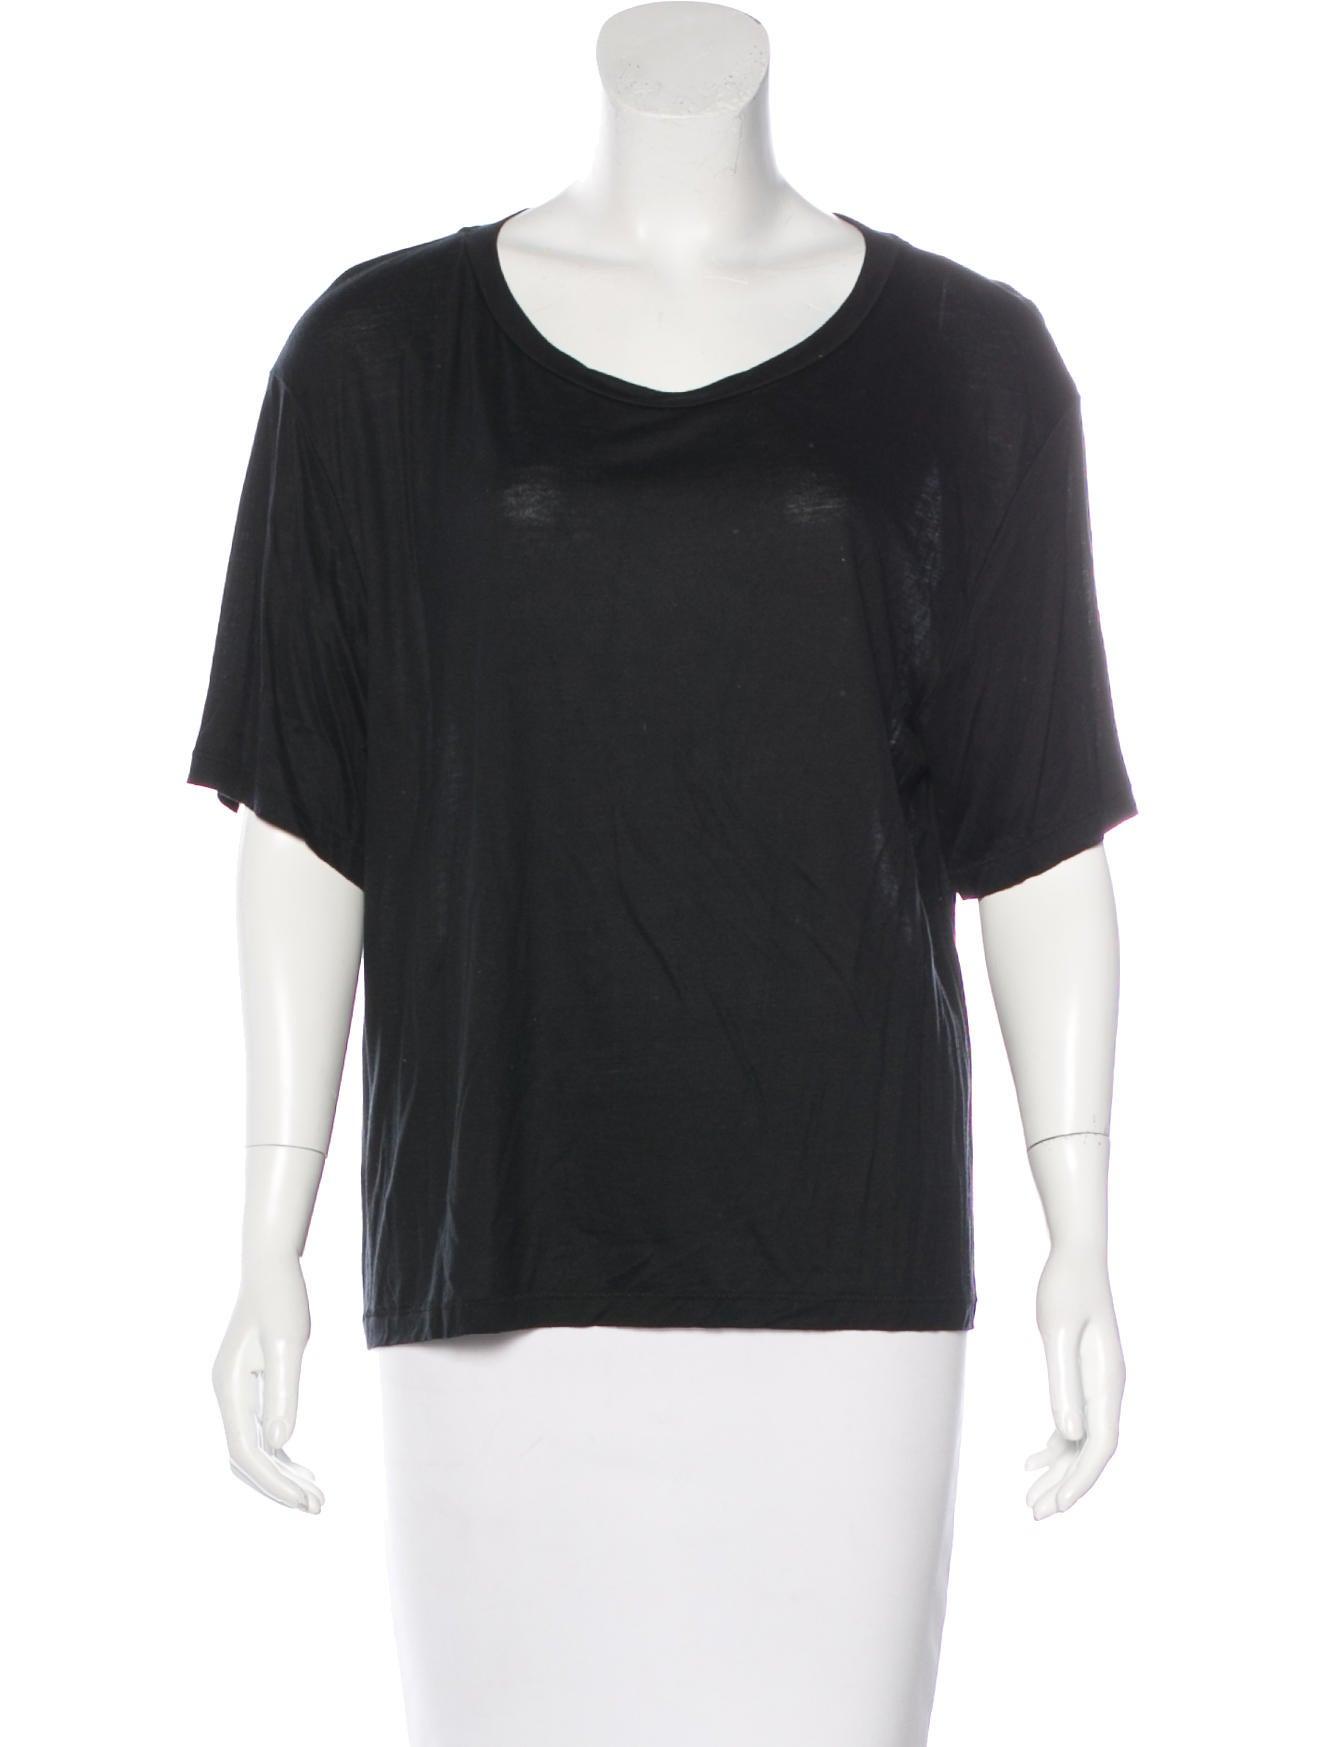 Acne Oversize Short Sleeve T Shirt Clothing Acn28630